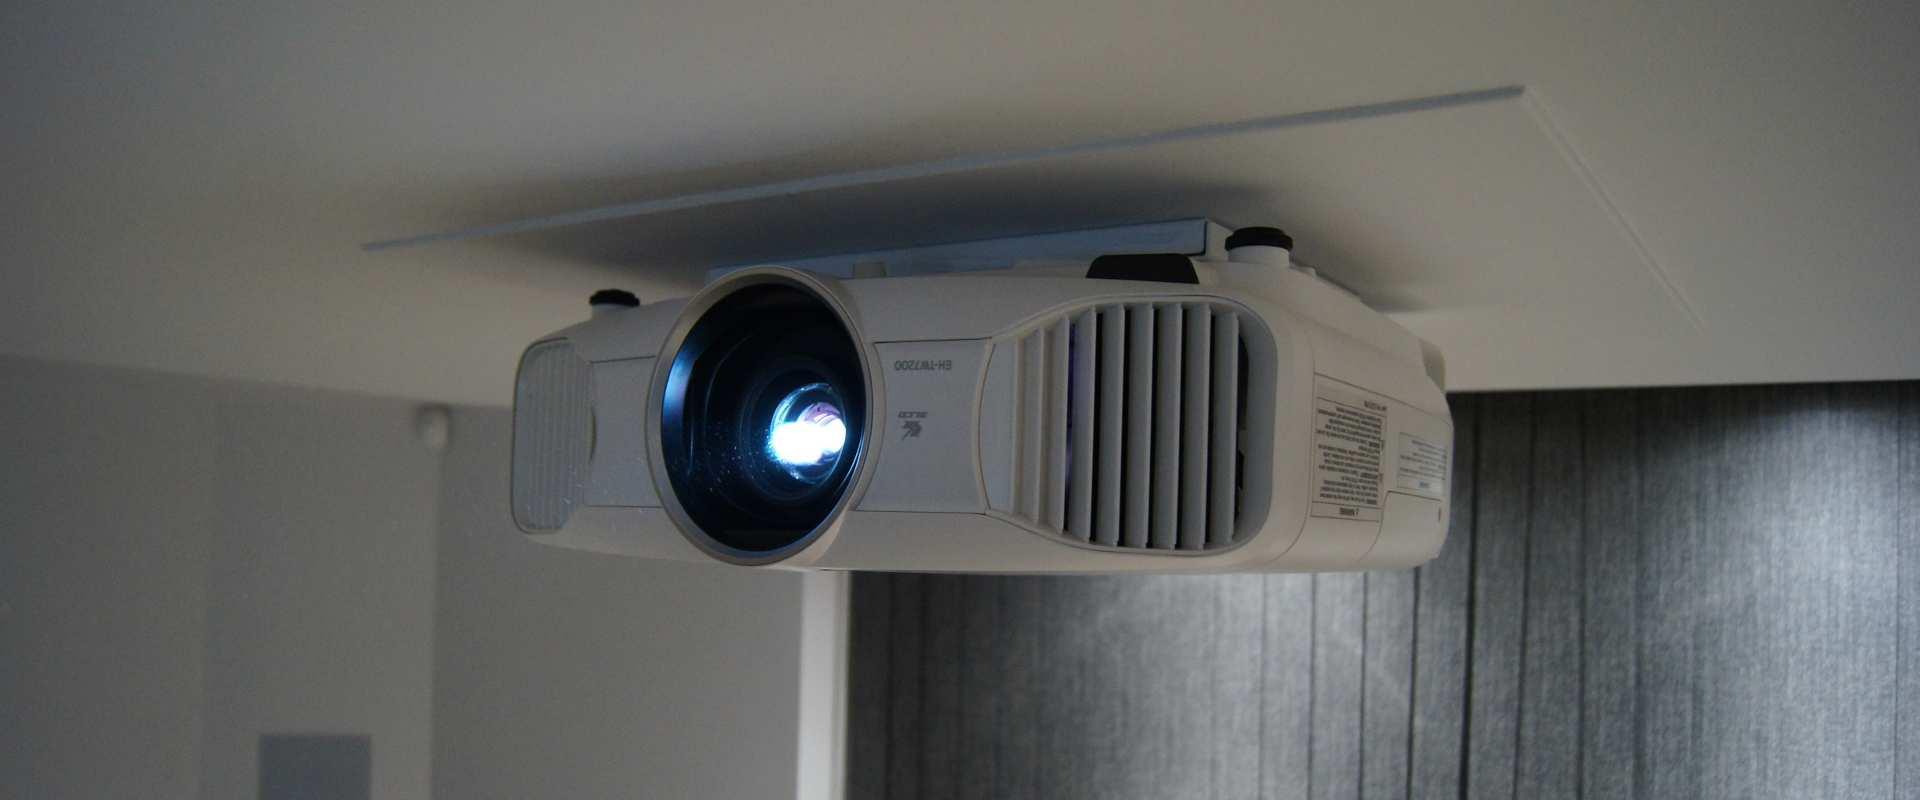 DSC98311920X800SC